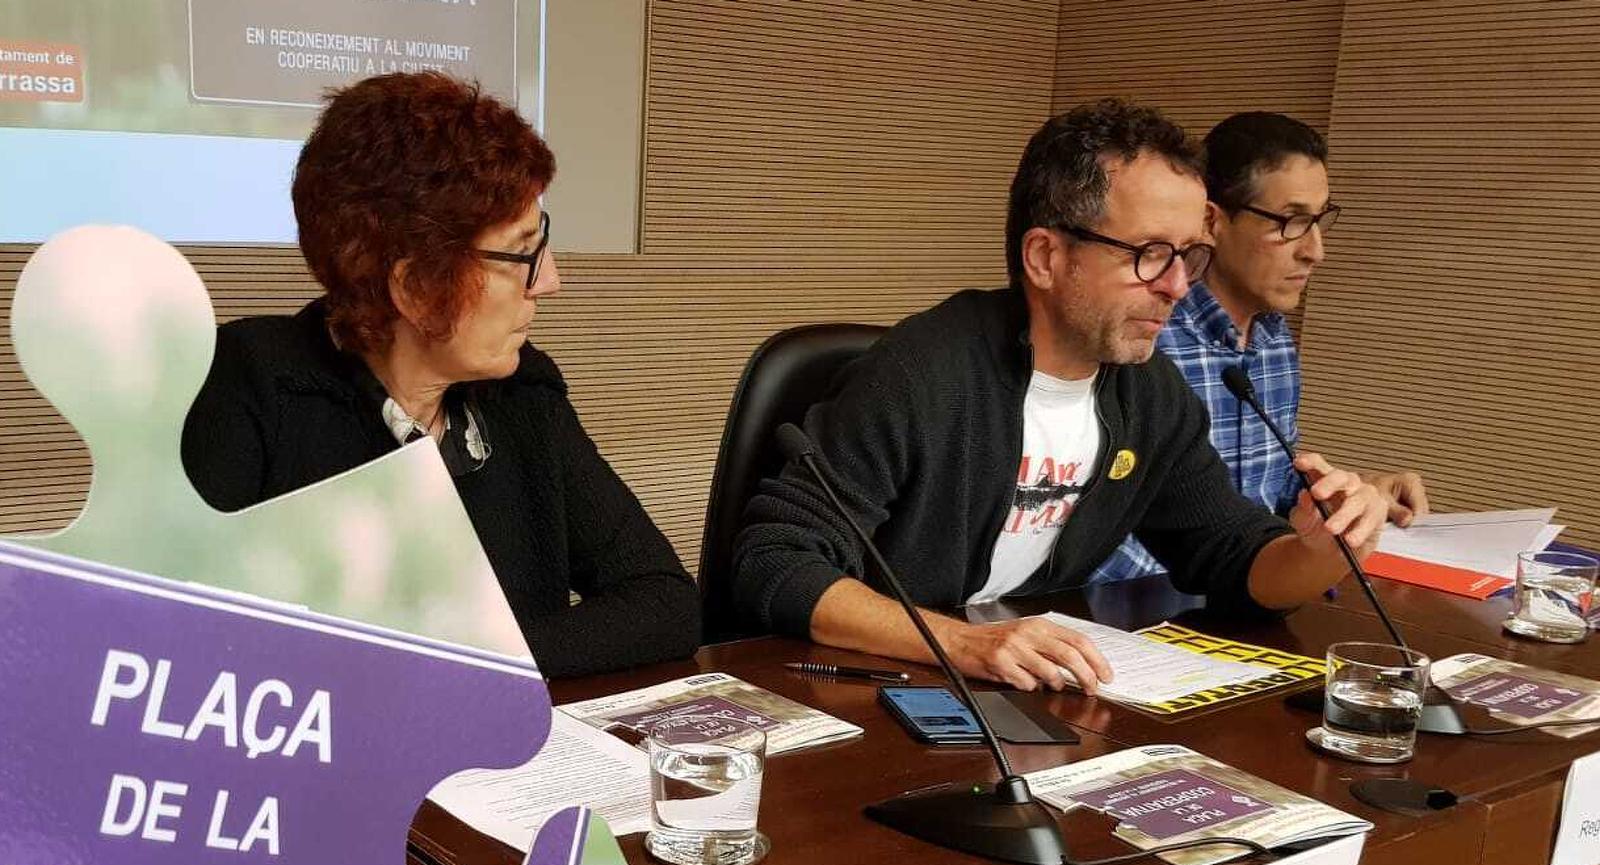 Rosa Guinot, Josep Forn i Luis Carlos de la Concepción, presentant la Terrassa Cooperativa